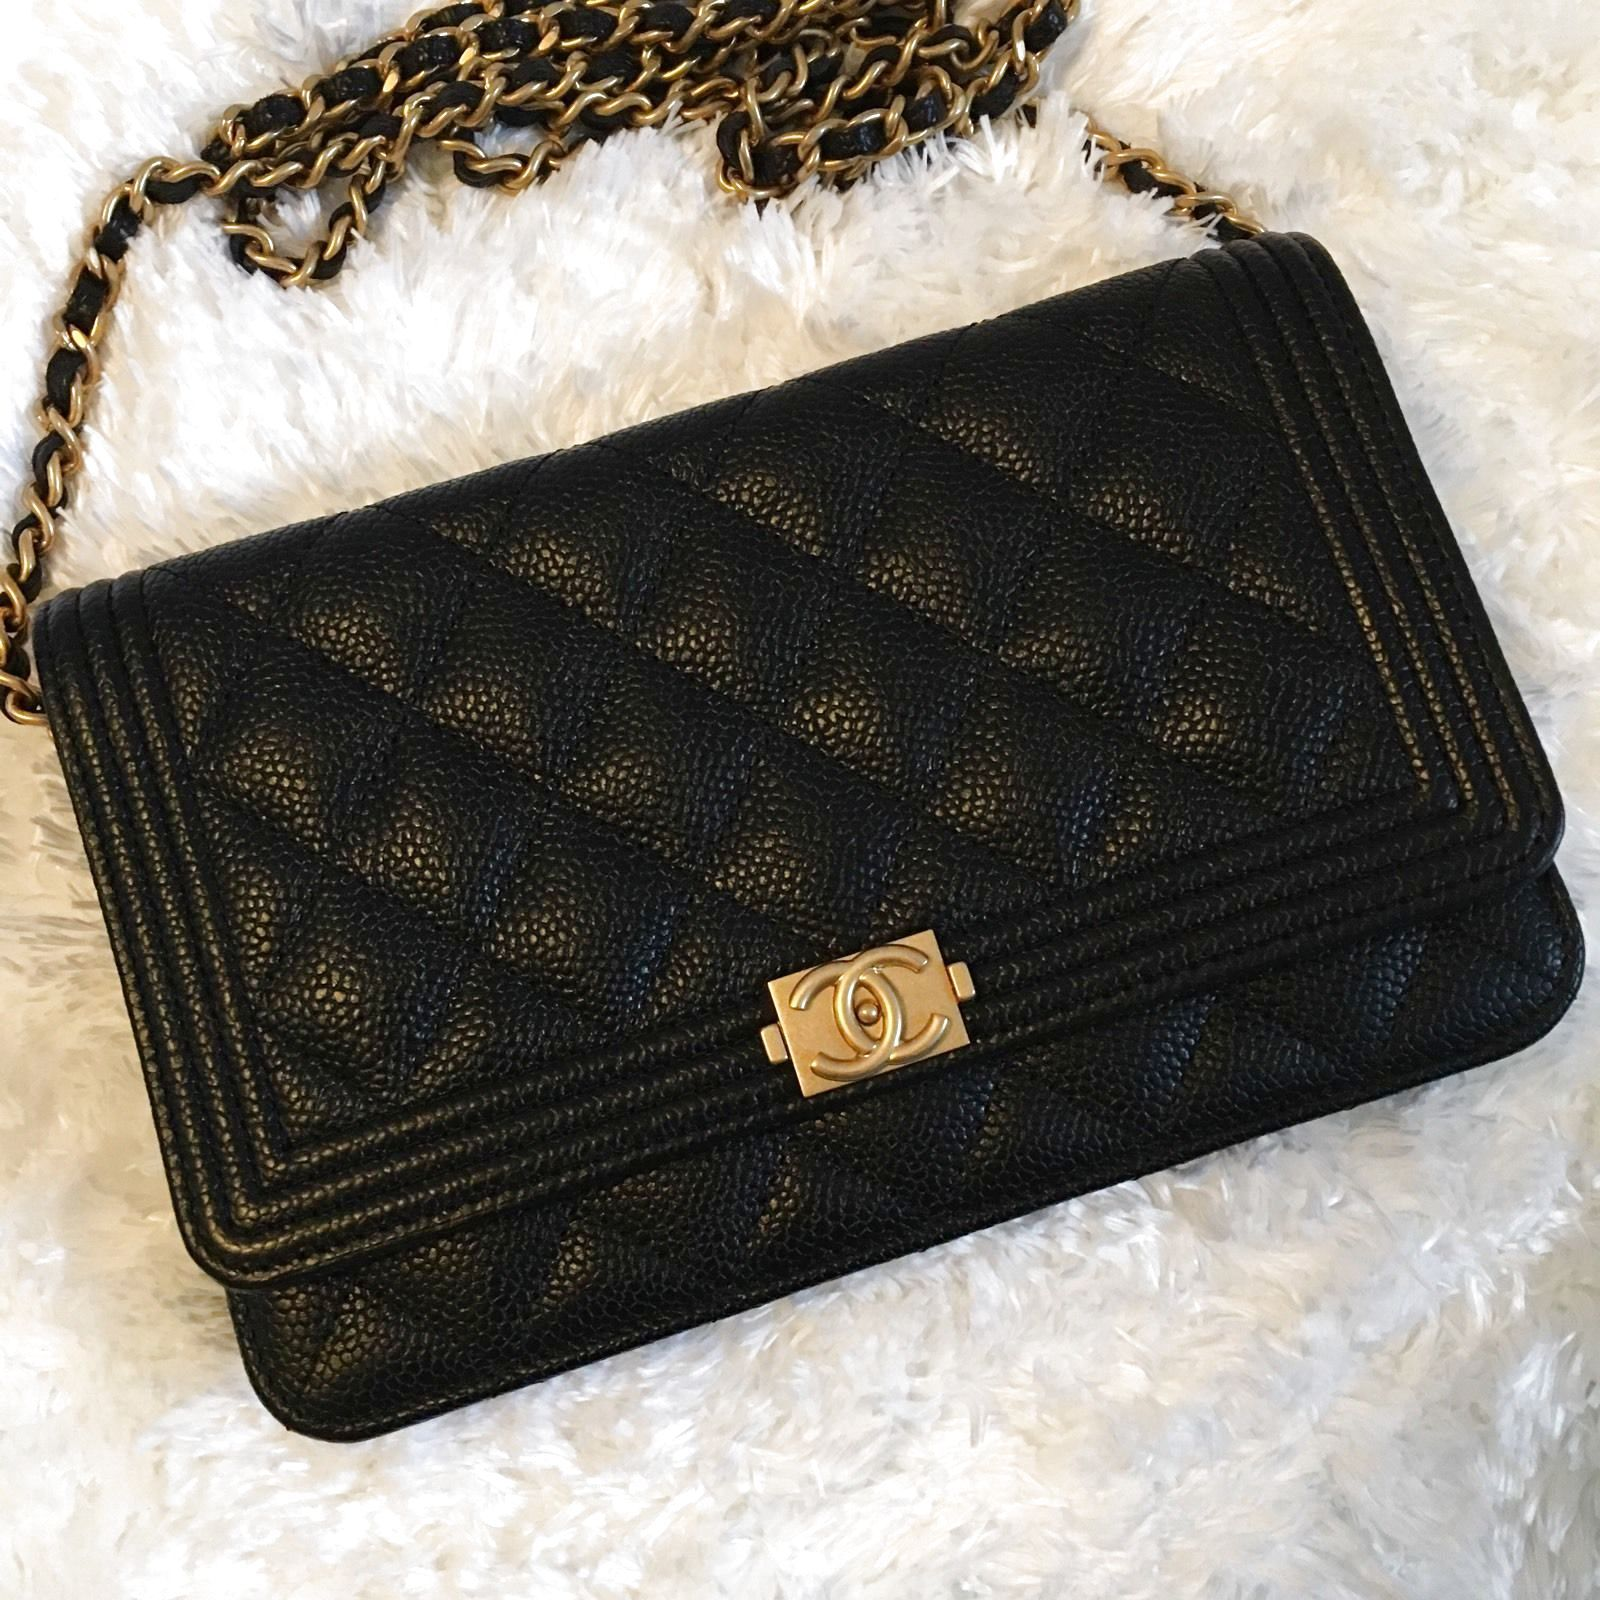 a2534046f3ba Chanel Boy Caviar WOC Wallet On Chain 17C $2700.0 | Fashion | Chanel ...